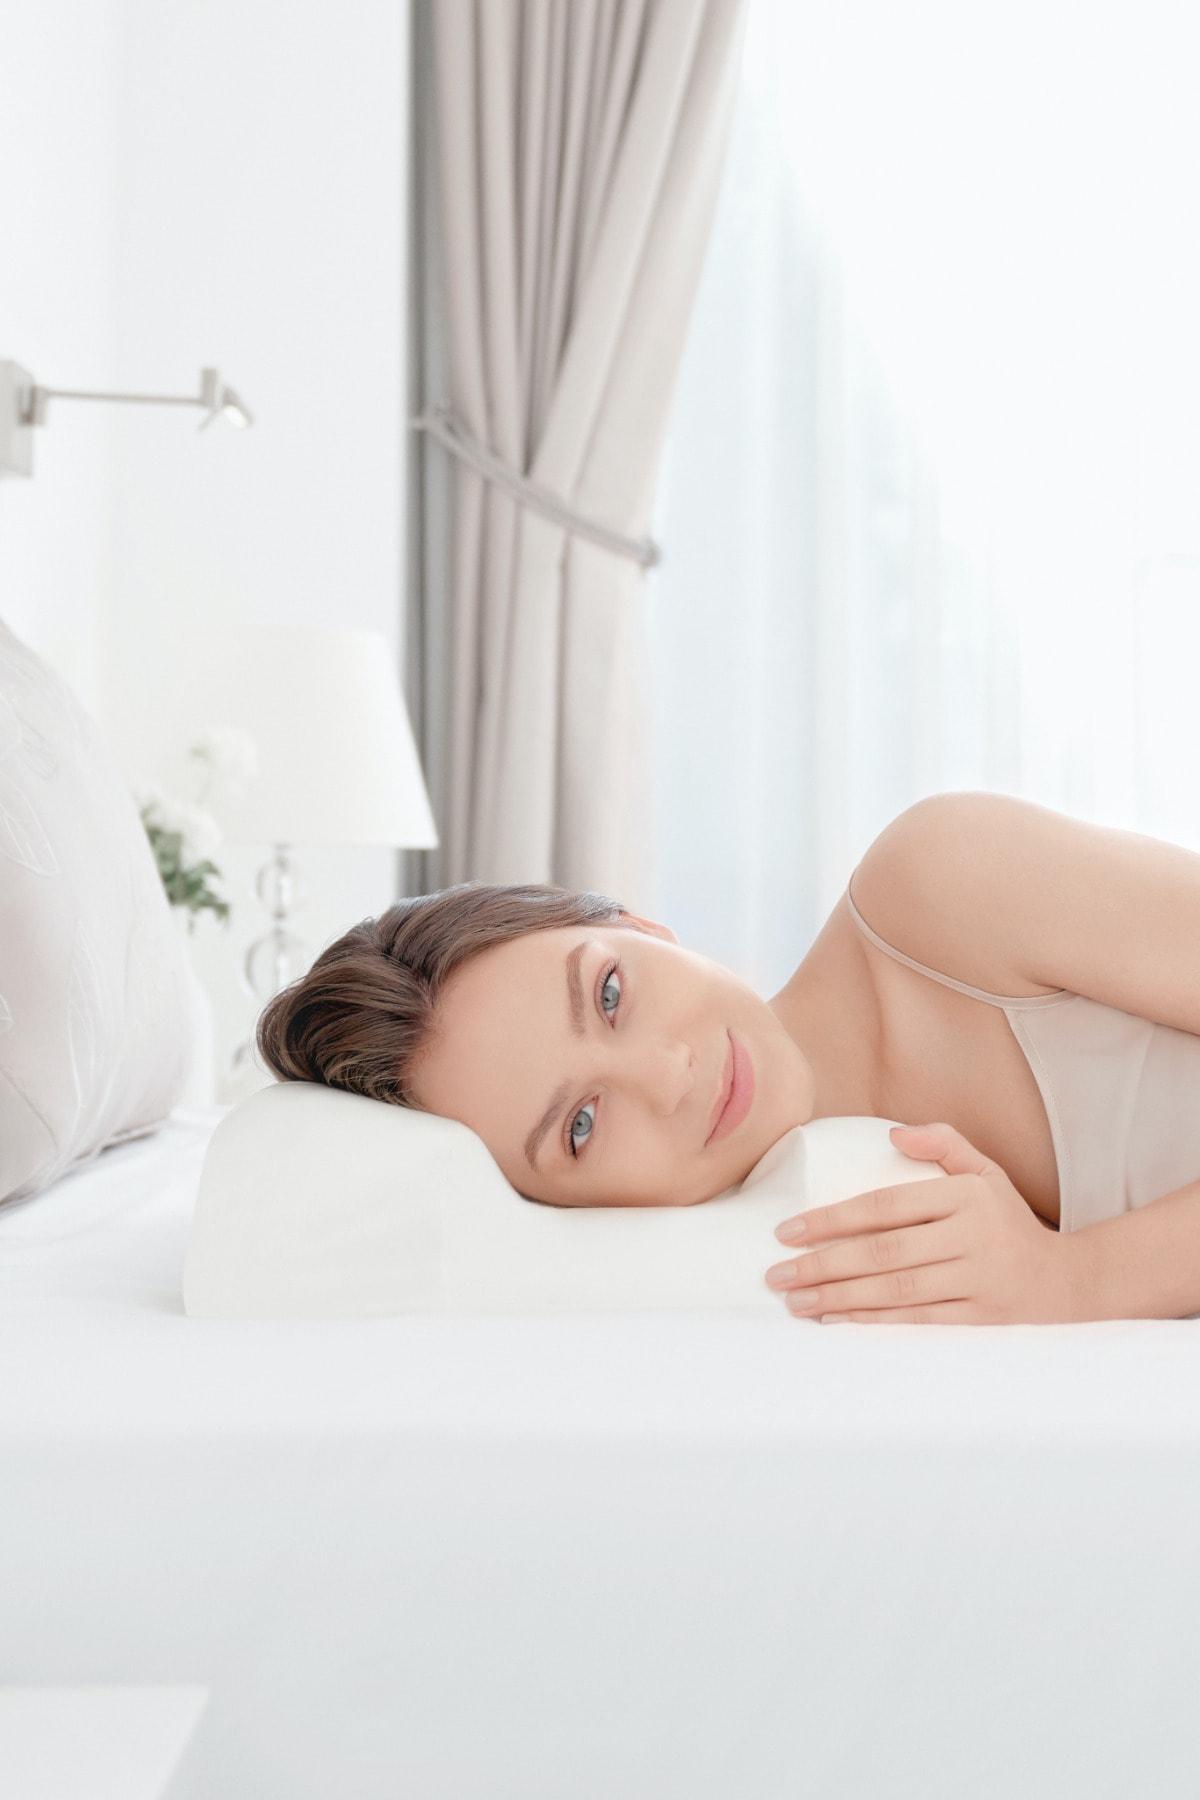 Красота Подушка анти-старения, подушка для шеи Coussin для сна, массажная поролоновая удобные длинные ресницы